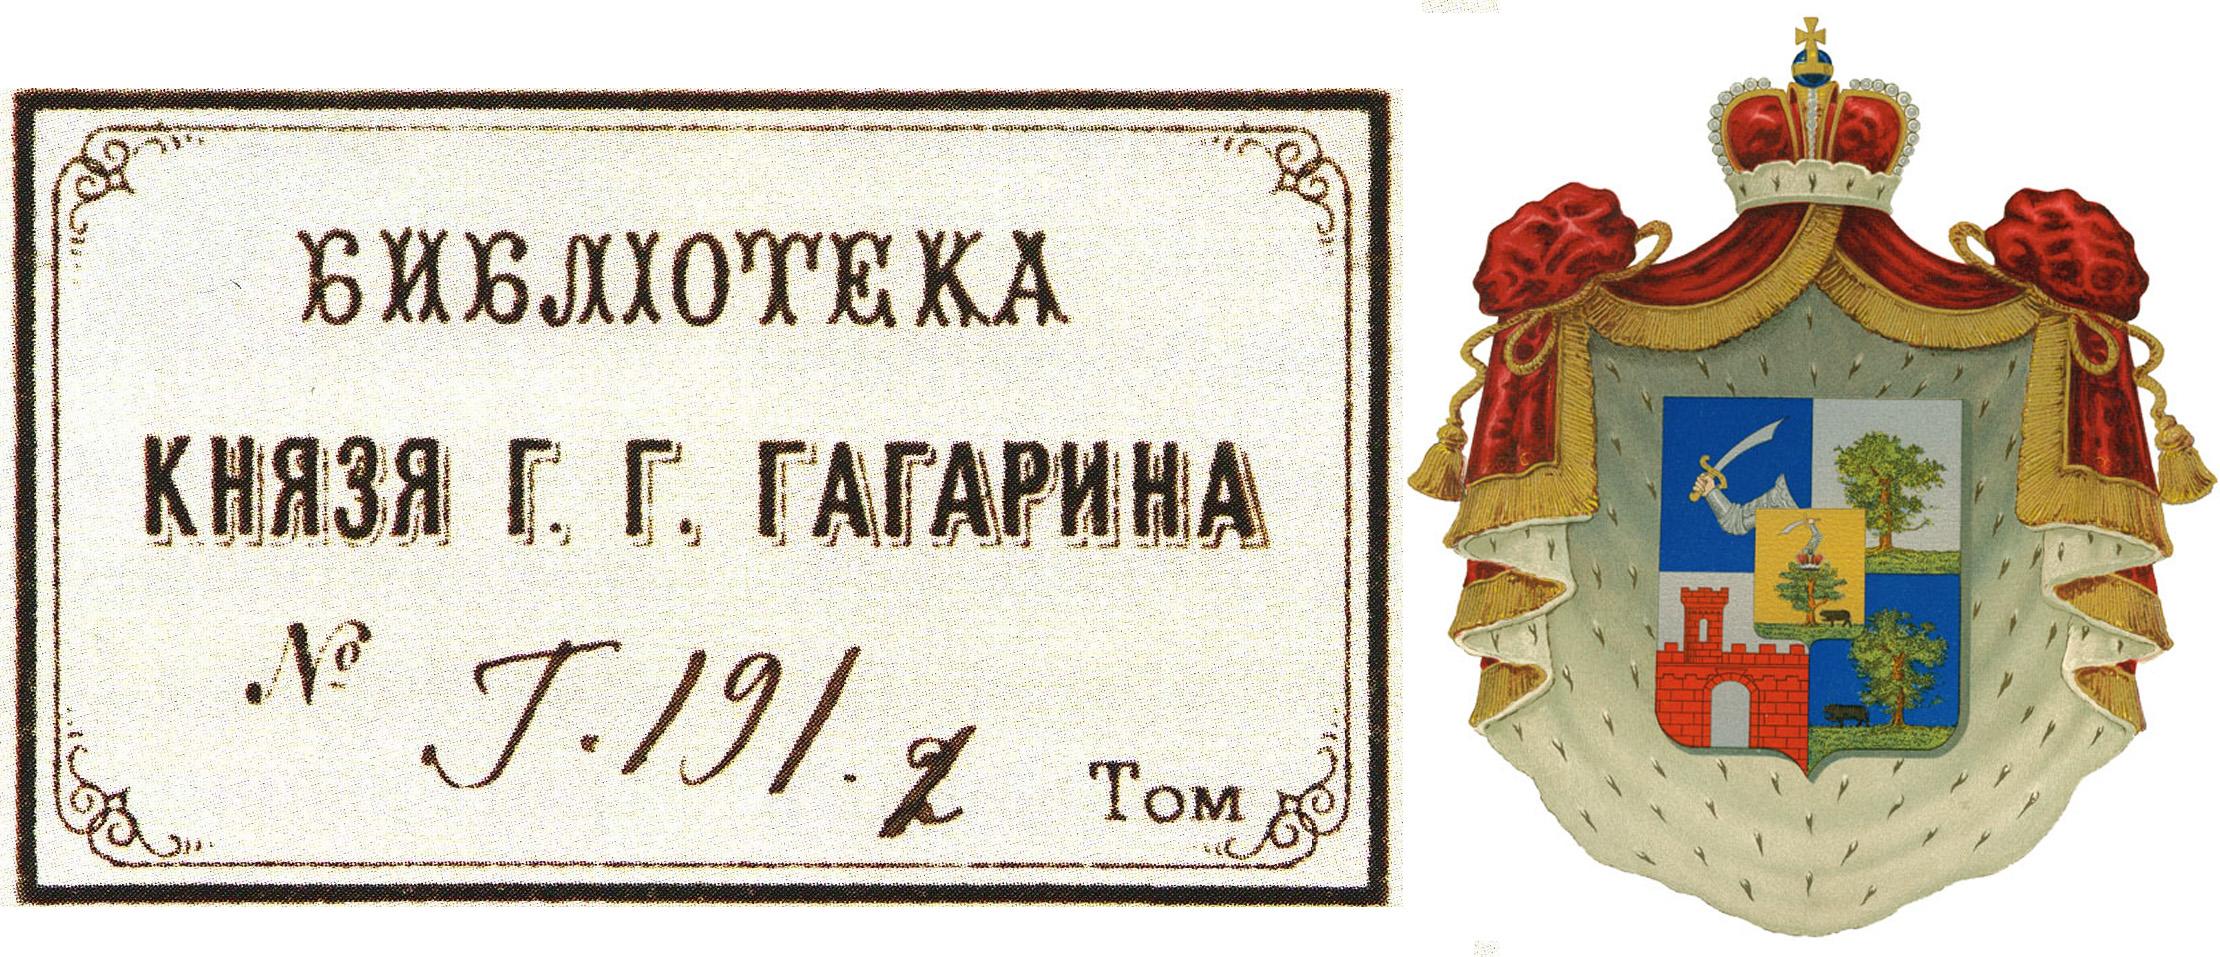 Экслибрис-наклейка библиотеки Гагарина Г.Г.(2,8 x 4,6) «БИБЛИОТЕКА КНЯЗЯ Г.Г. ГАГАРИНА. №... Том...;» и герб князей Гагариных